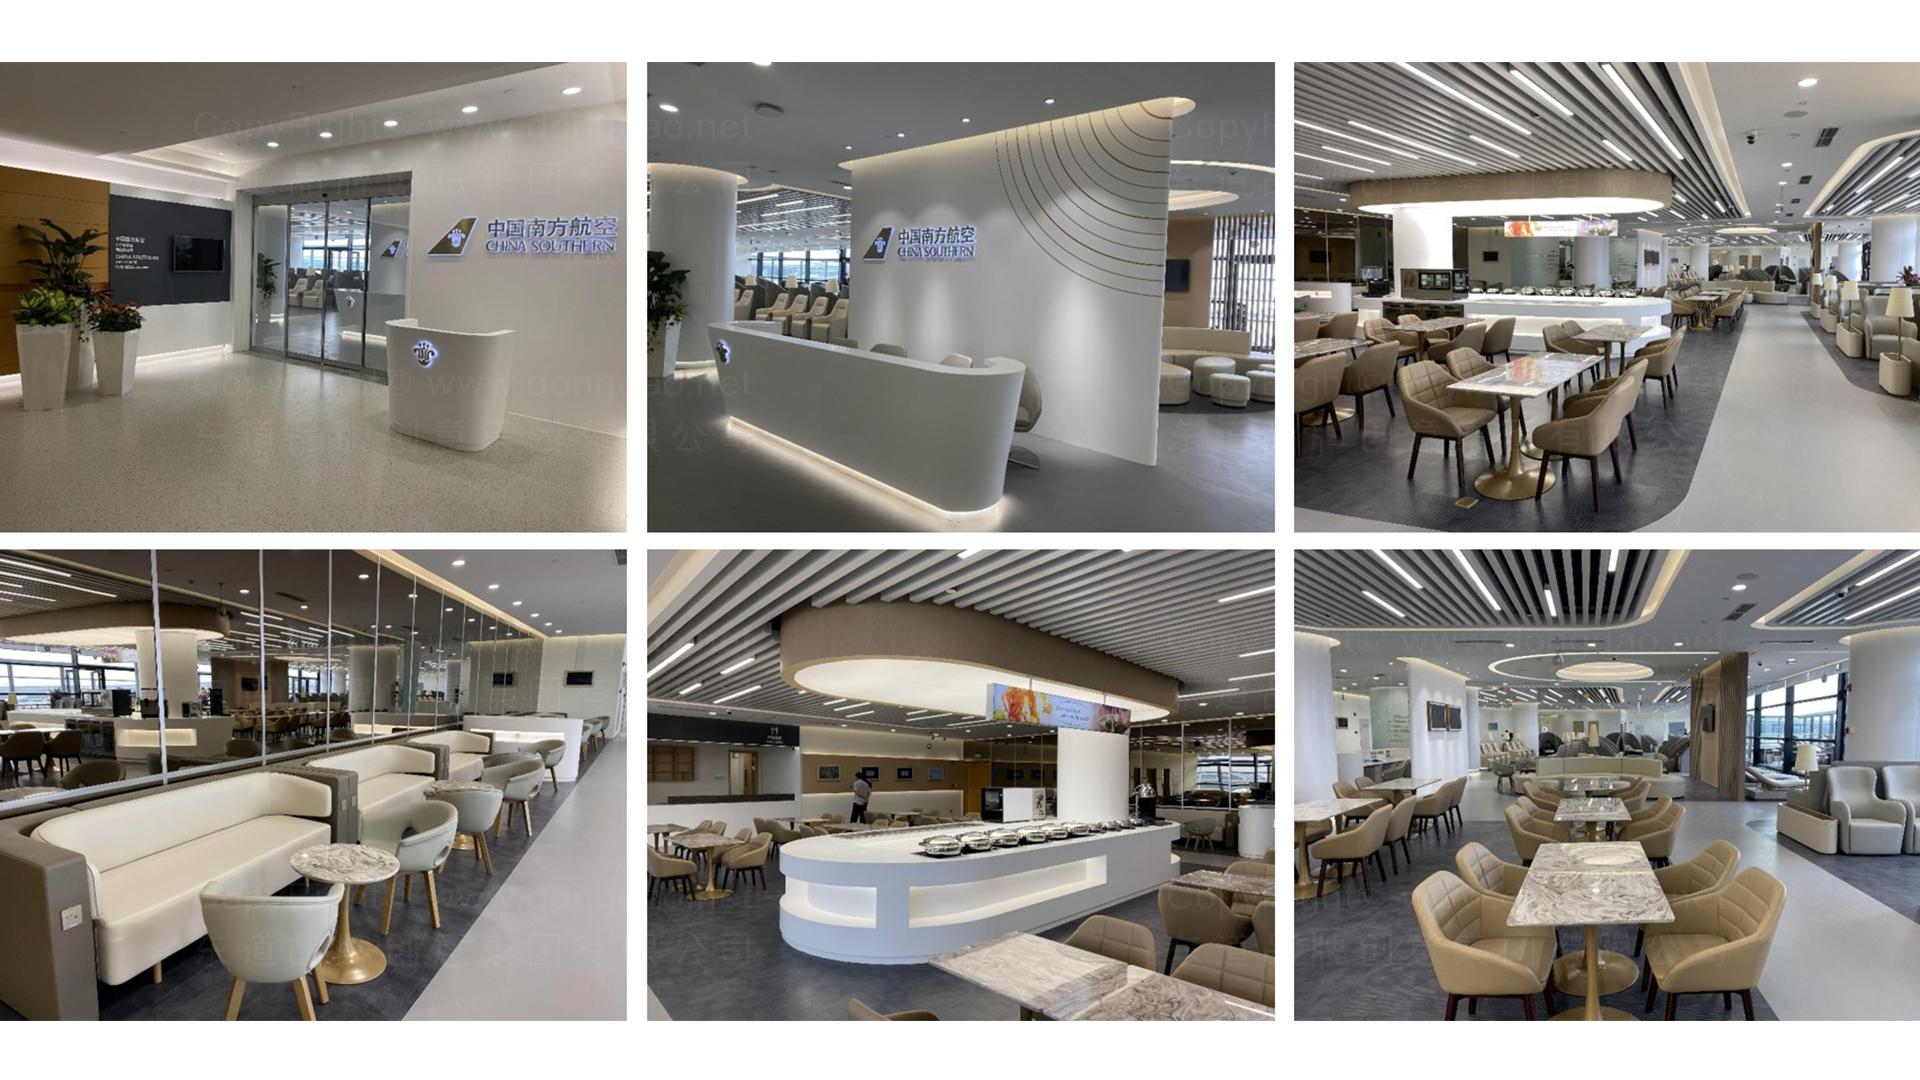 商业空间&导示南方航空南航上海浦东机场 S2 卫星听高端旅客休息室 SI应用场景_16